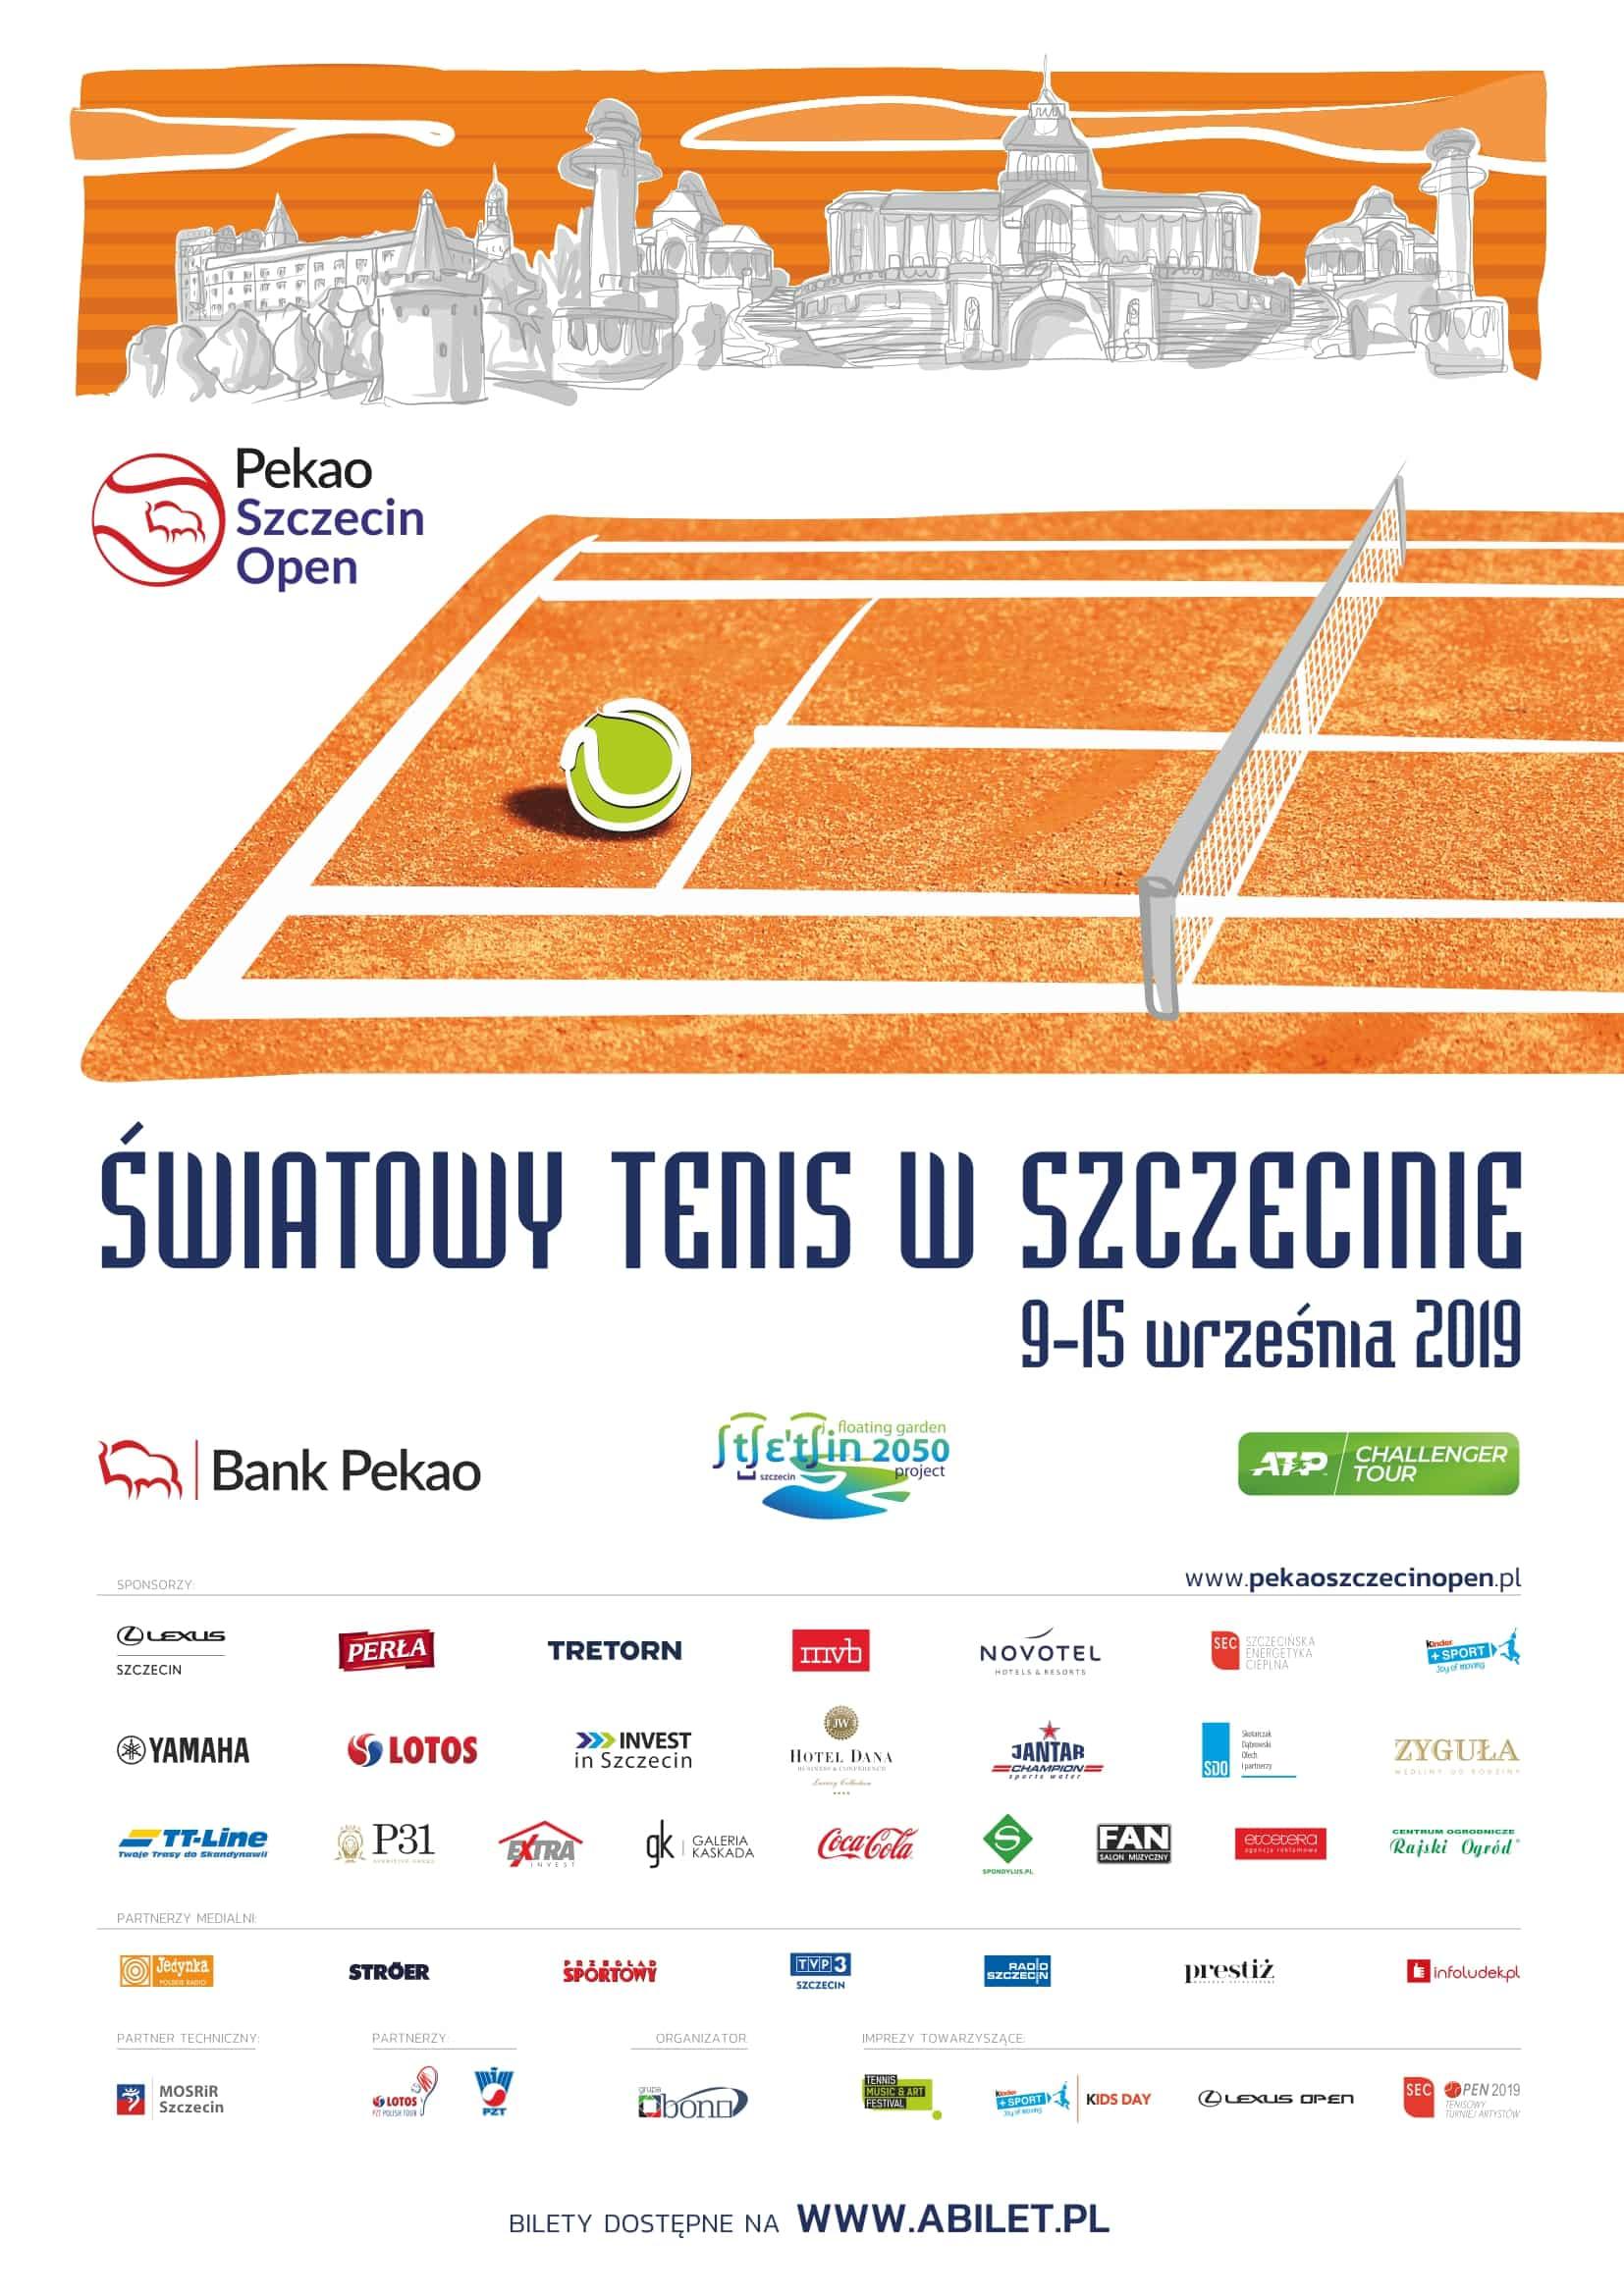 27. Pekao Szczecin Open